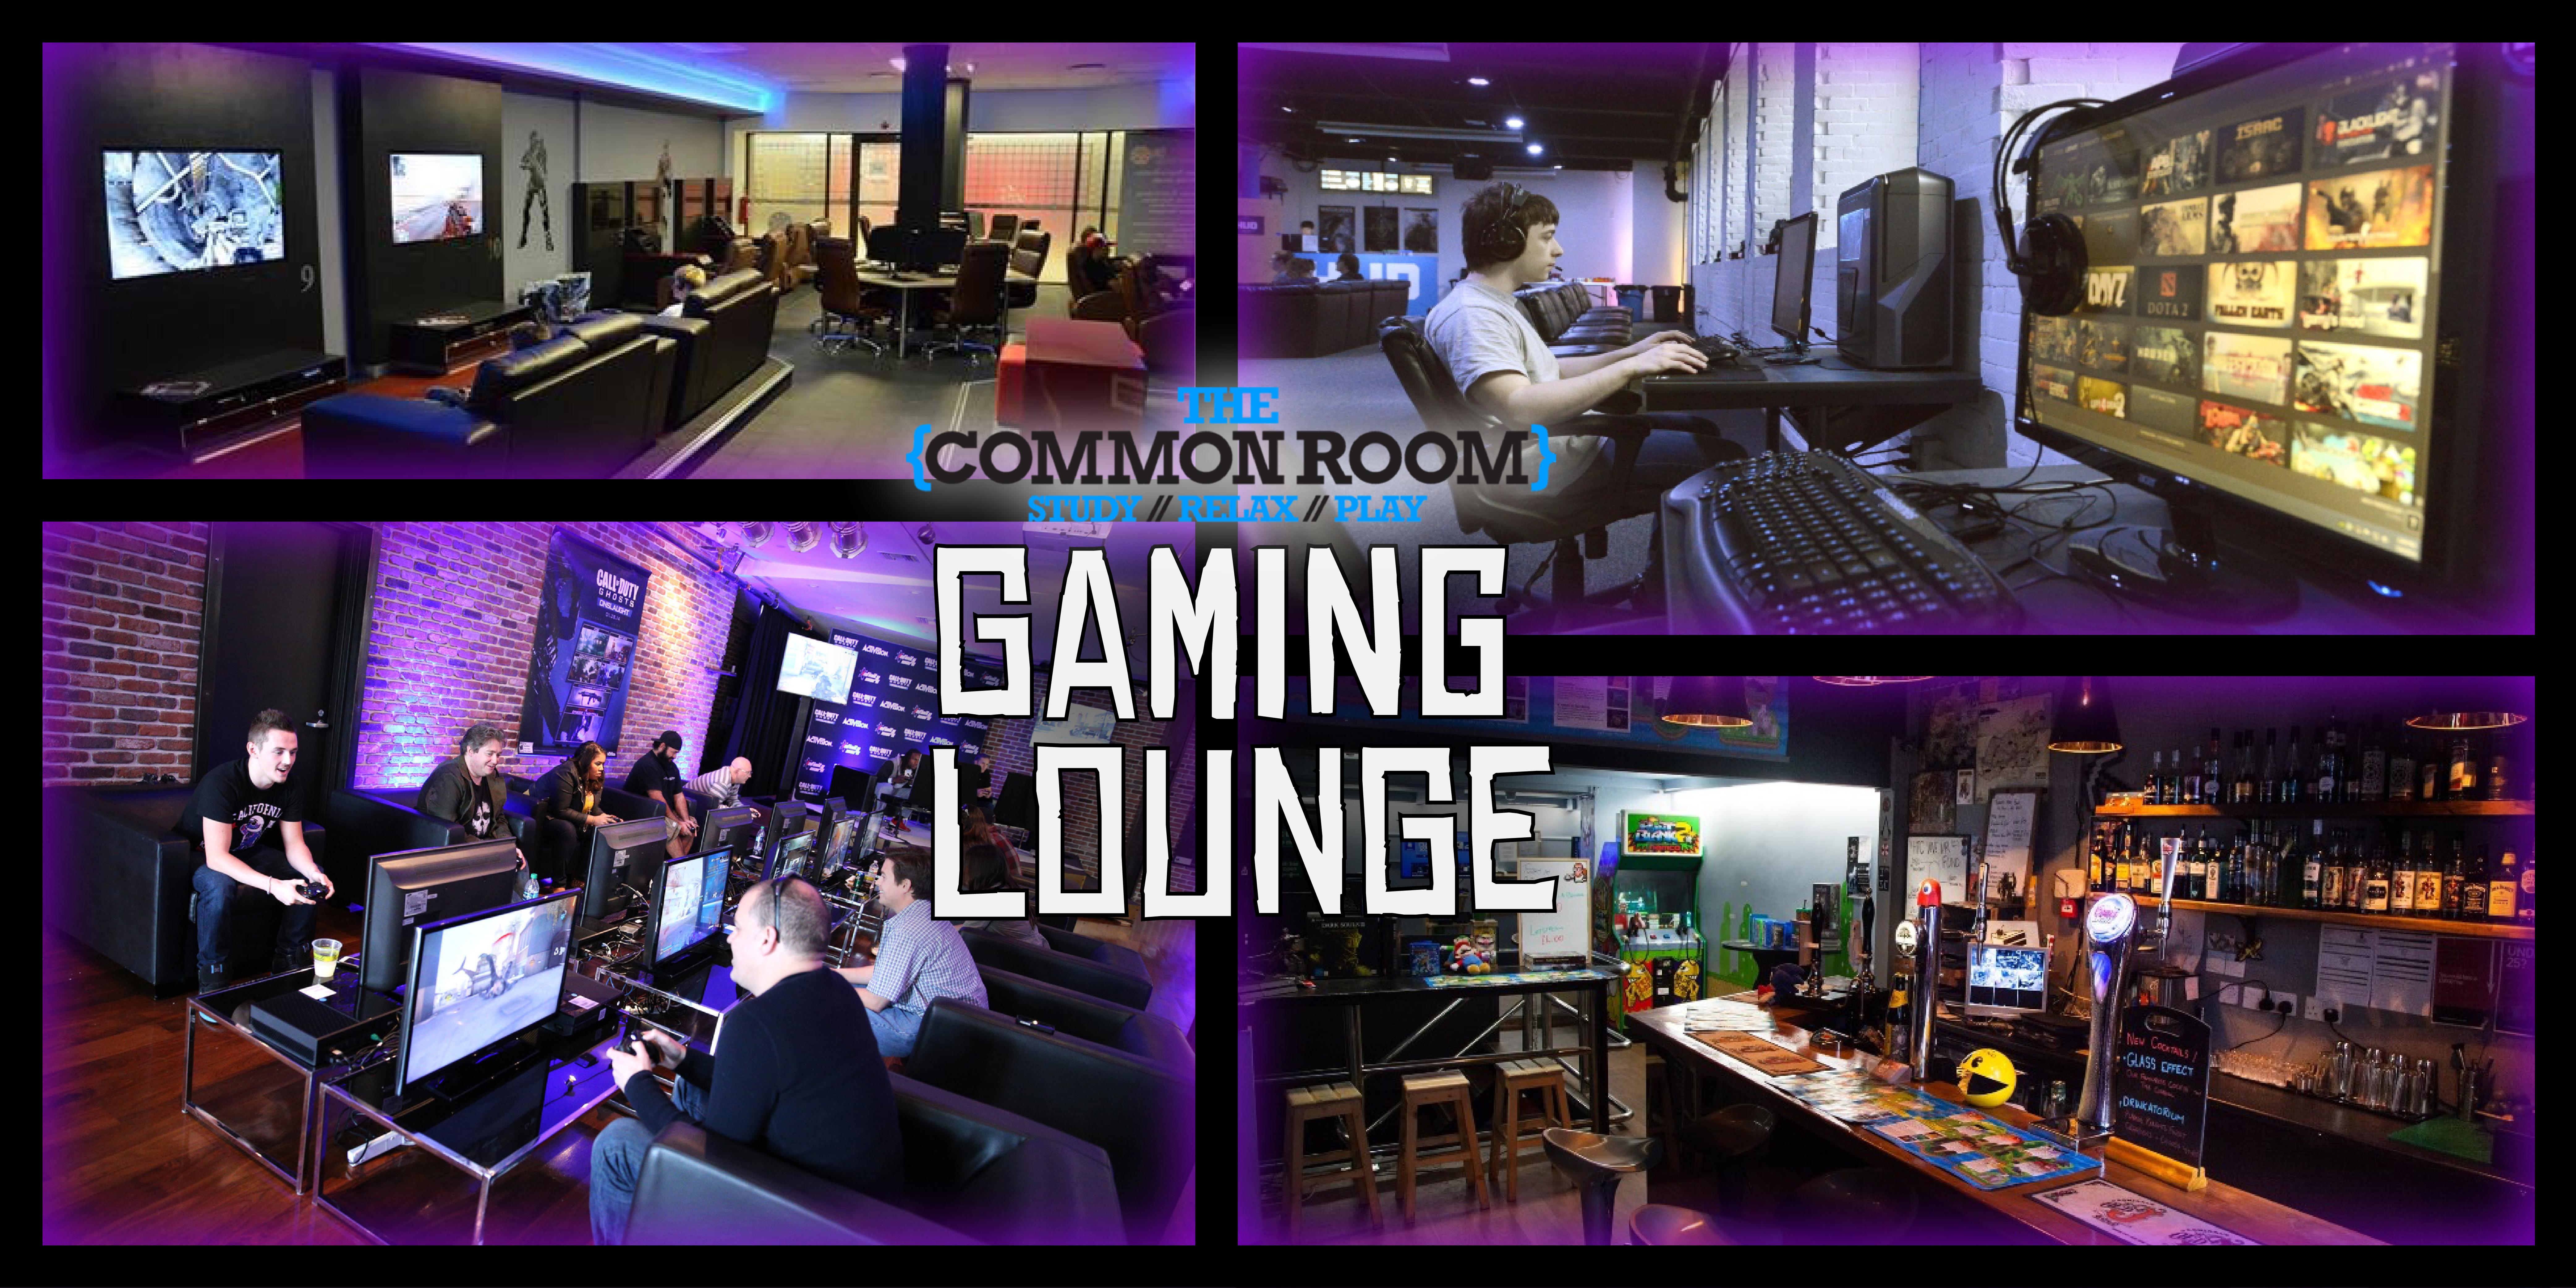 Gaming lounge 01